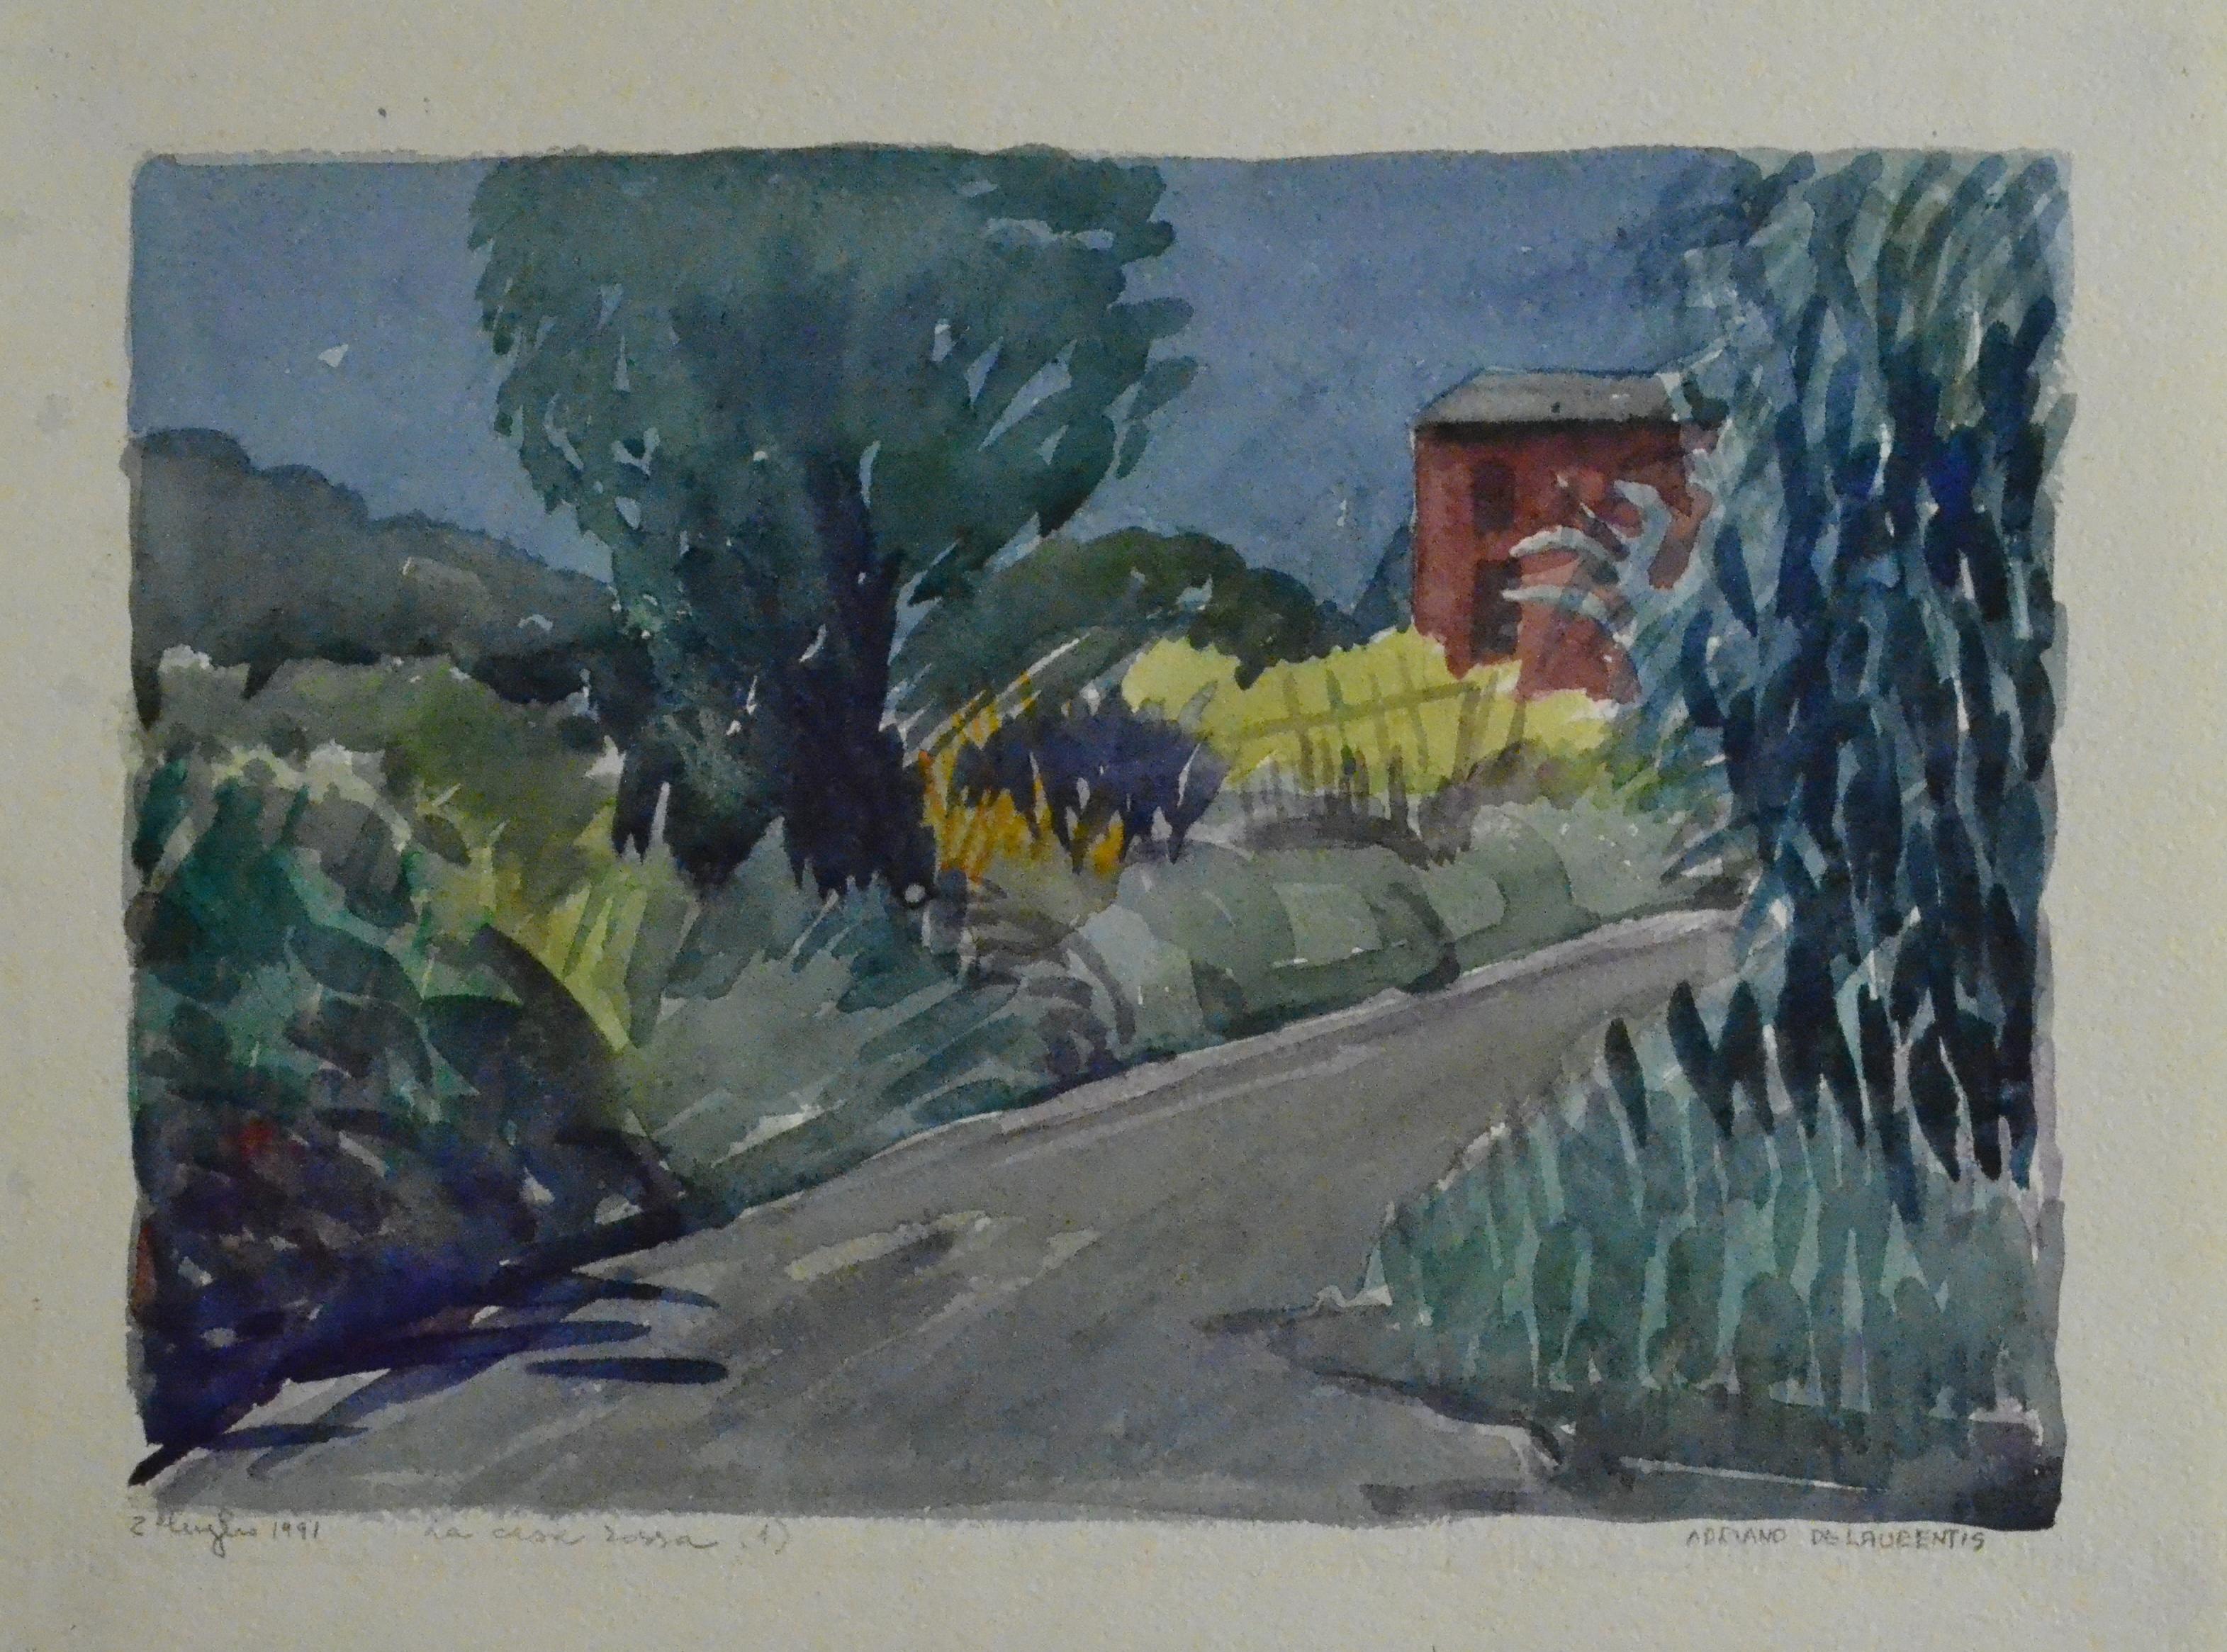 La casa rossa 1 - 1991 - Acquerello su Carta - 29x38